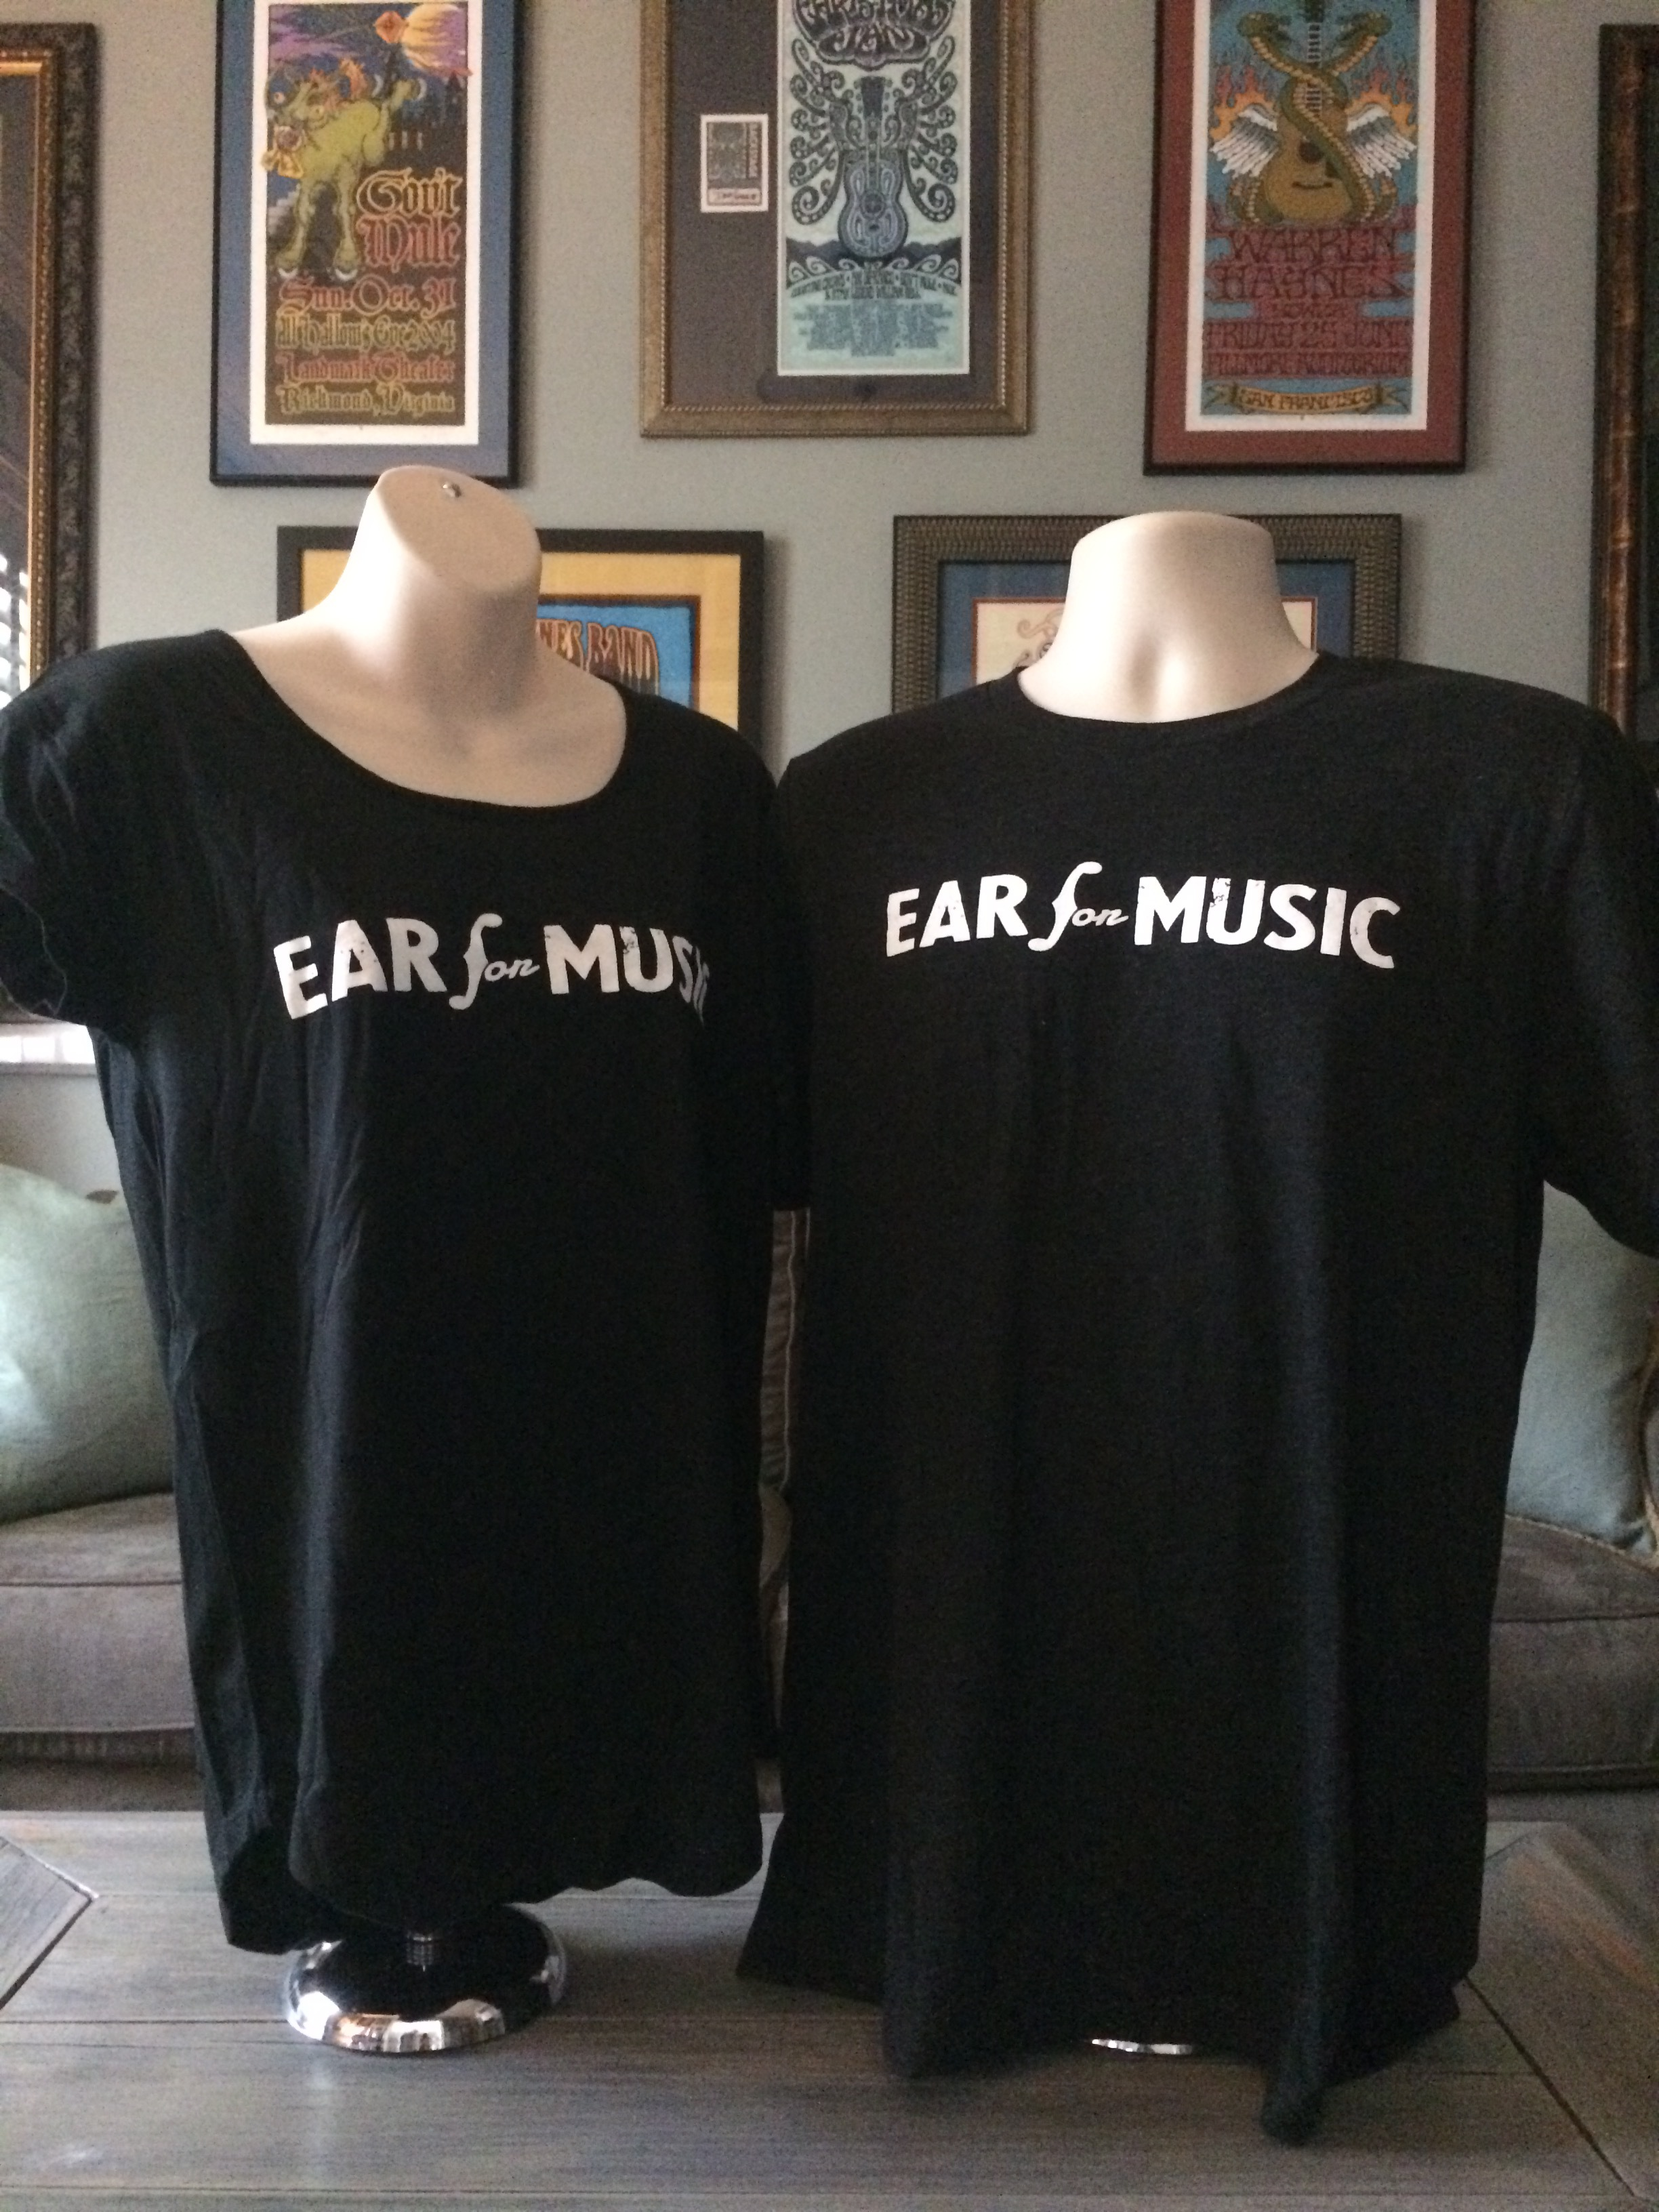 Ear for Music.JPG